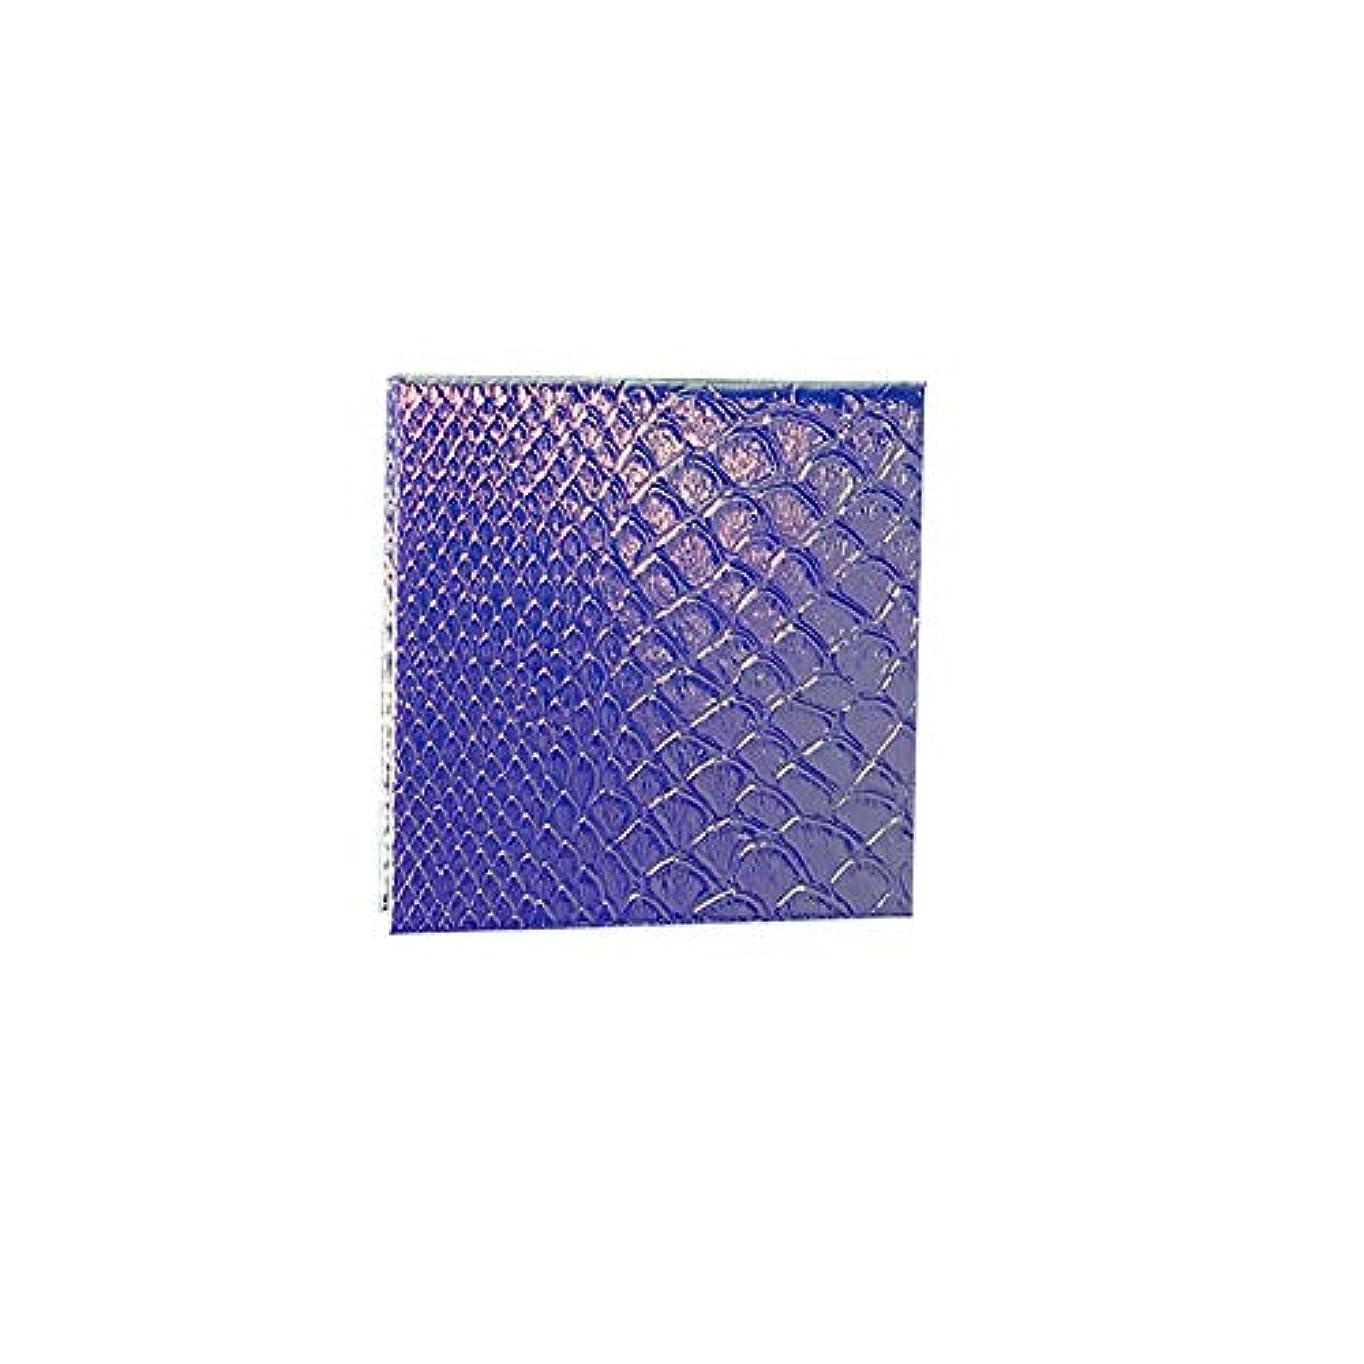 悪性腫瘍ハムシティ空の化粧アイシャドーパレット磁気空パレット接着剤空のパレット金属ステッカー空のパレットキット(S)